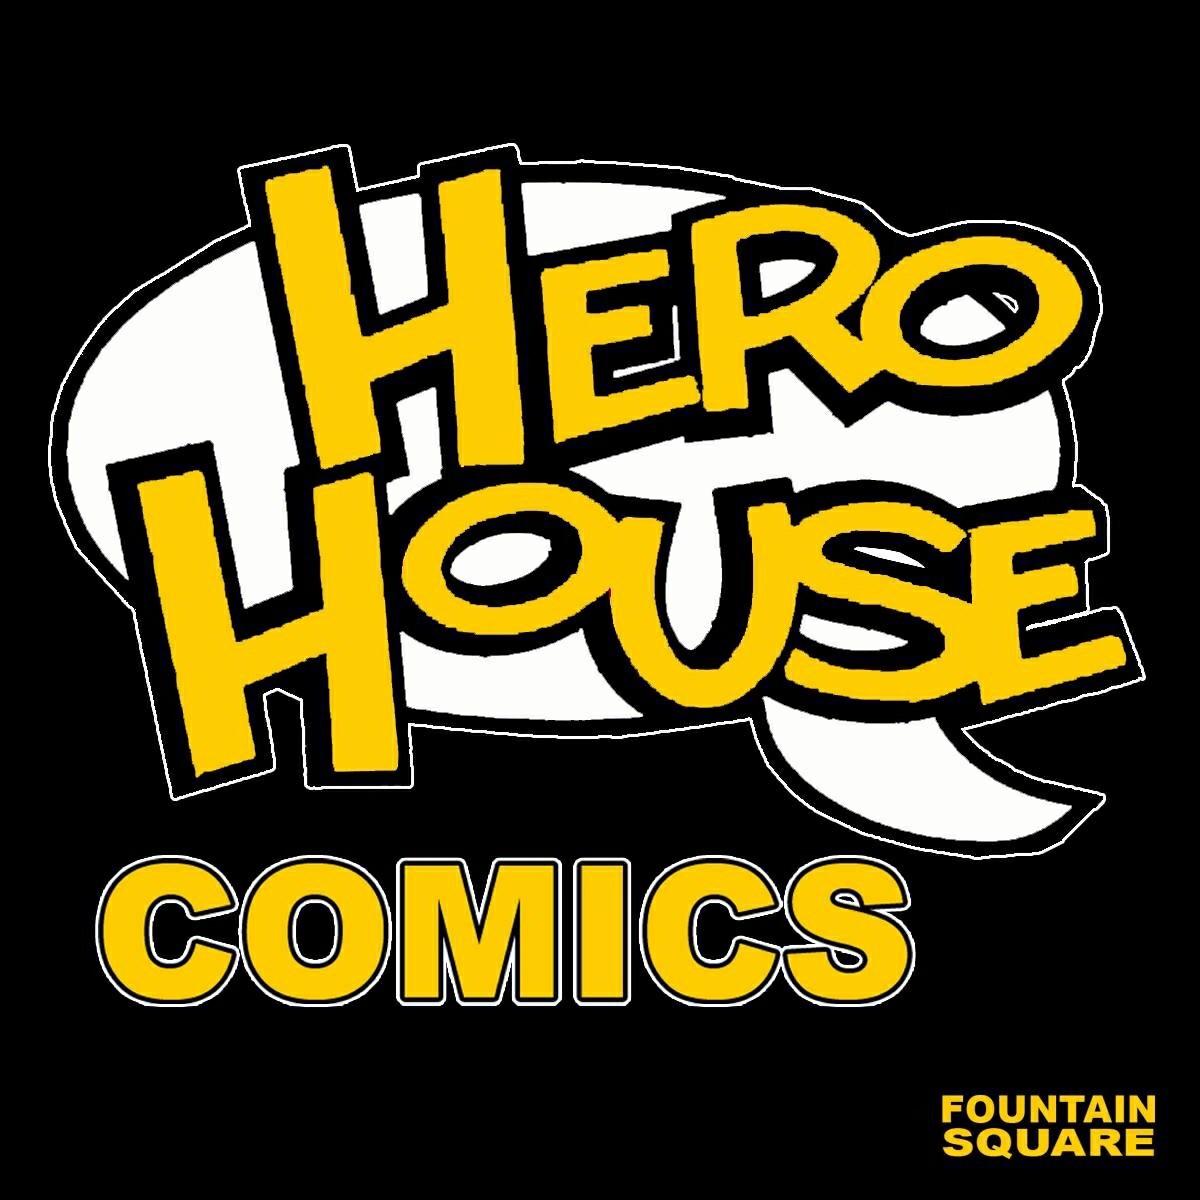 Hero House Comics Indianapolis